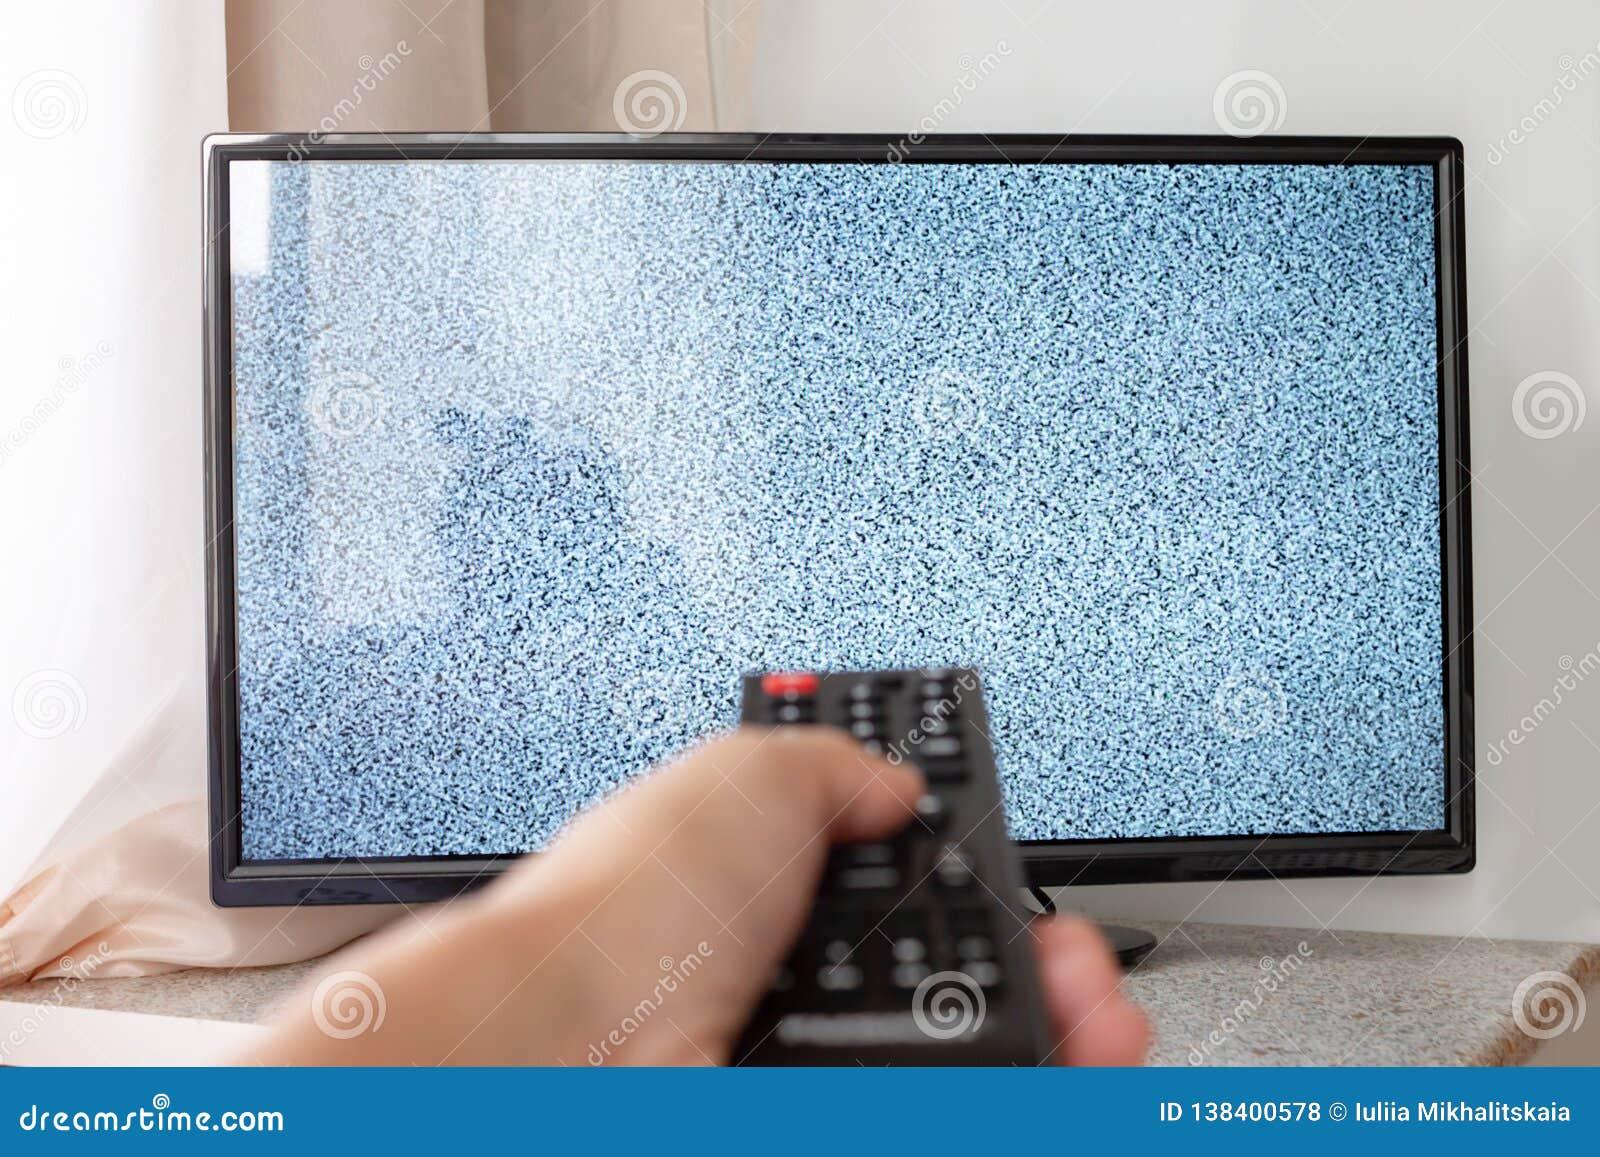 Mano con la TV teledirigida delante de la pantalla con el ruido blanco en él - adaptación de las cadenas de televisión y conexión